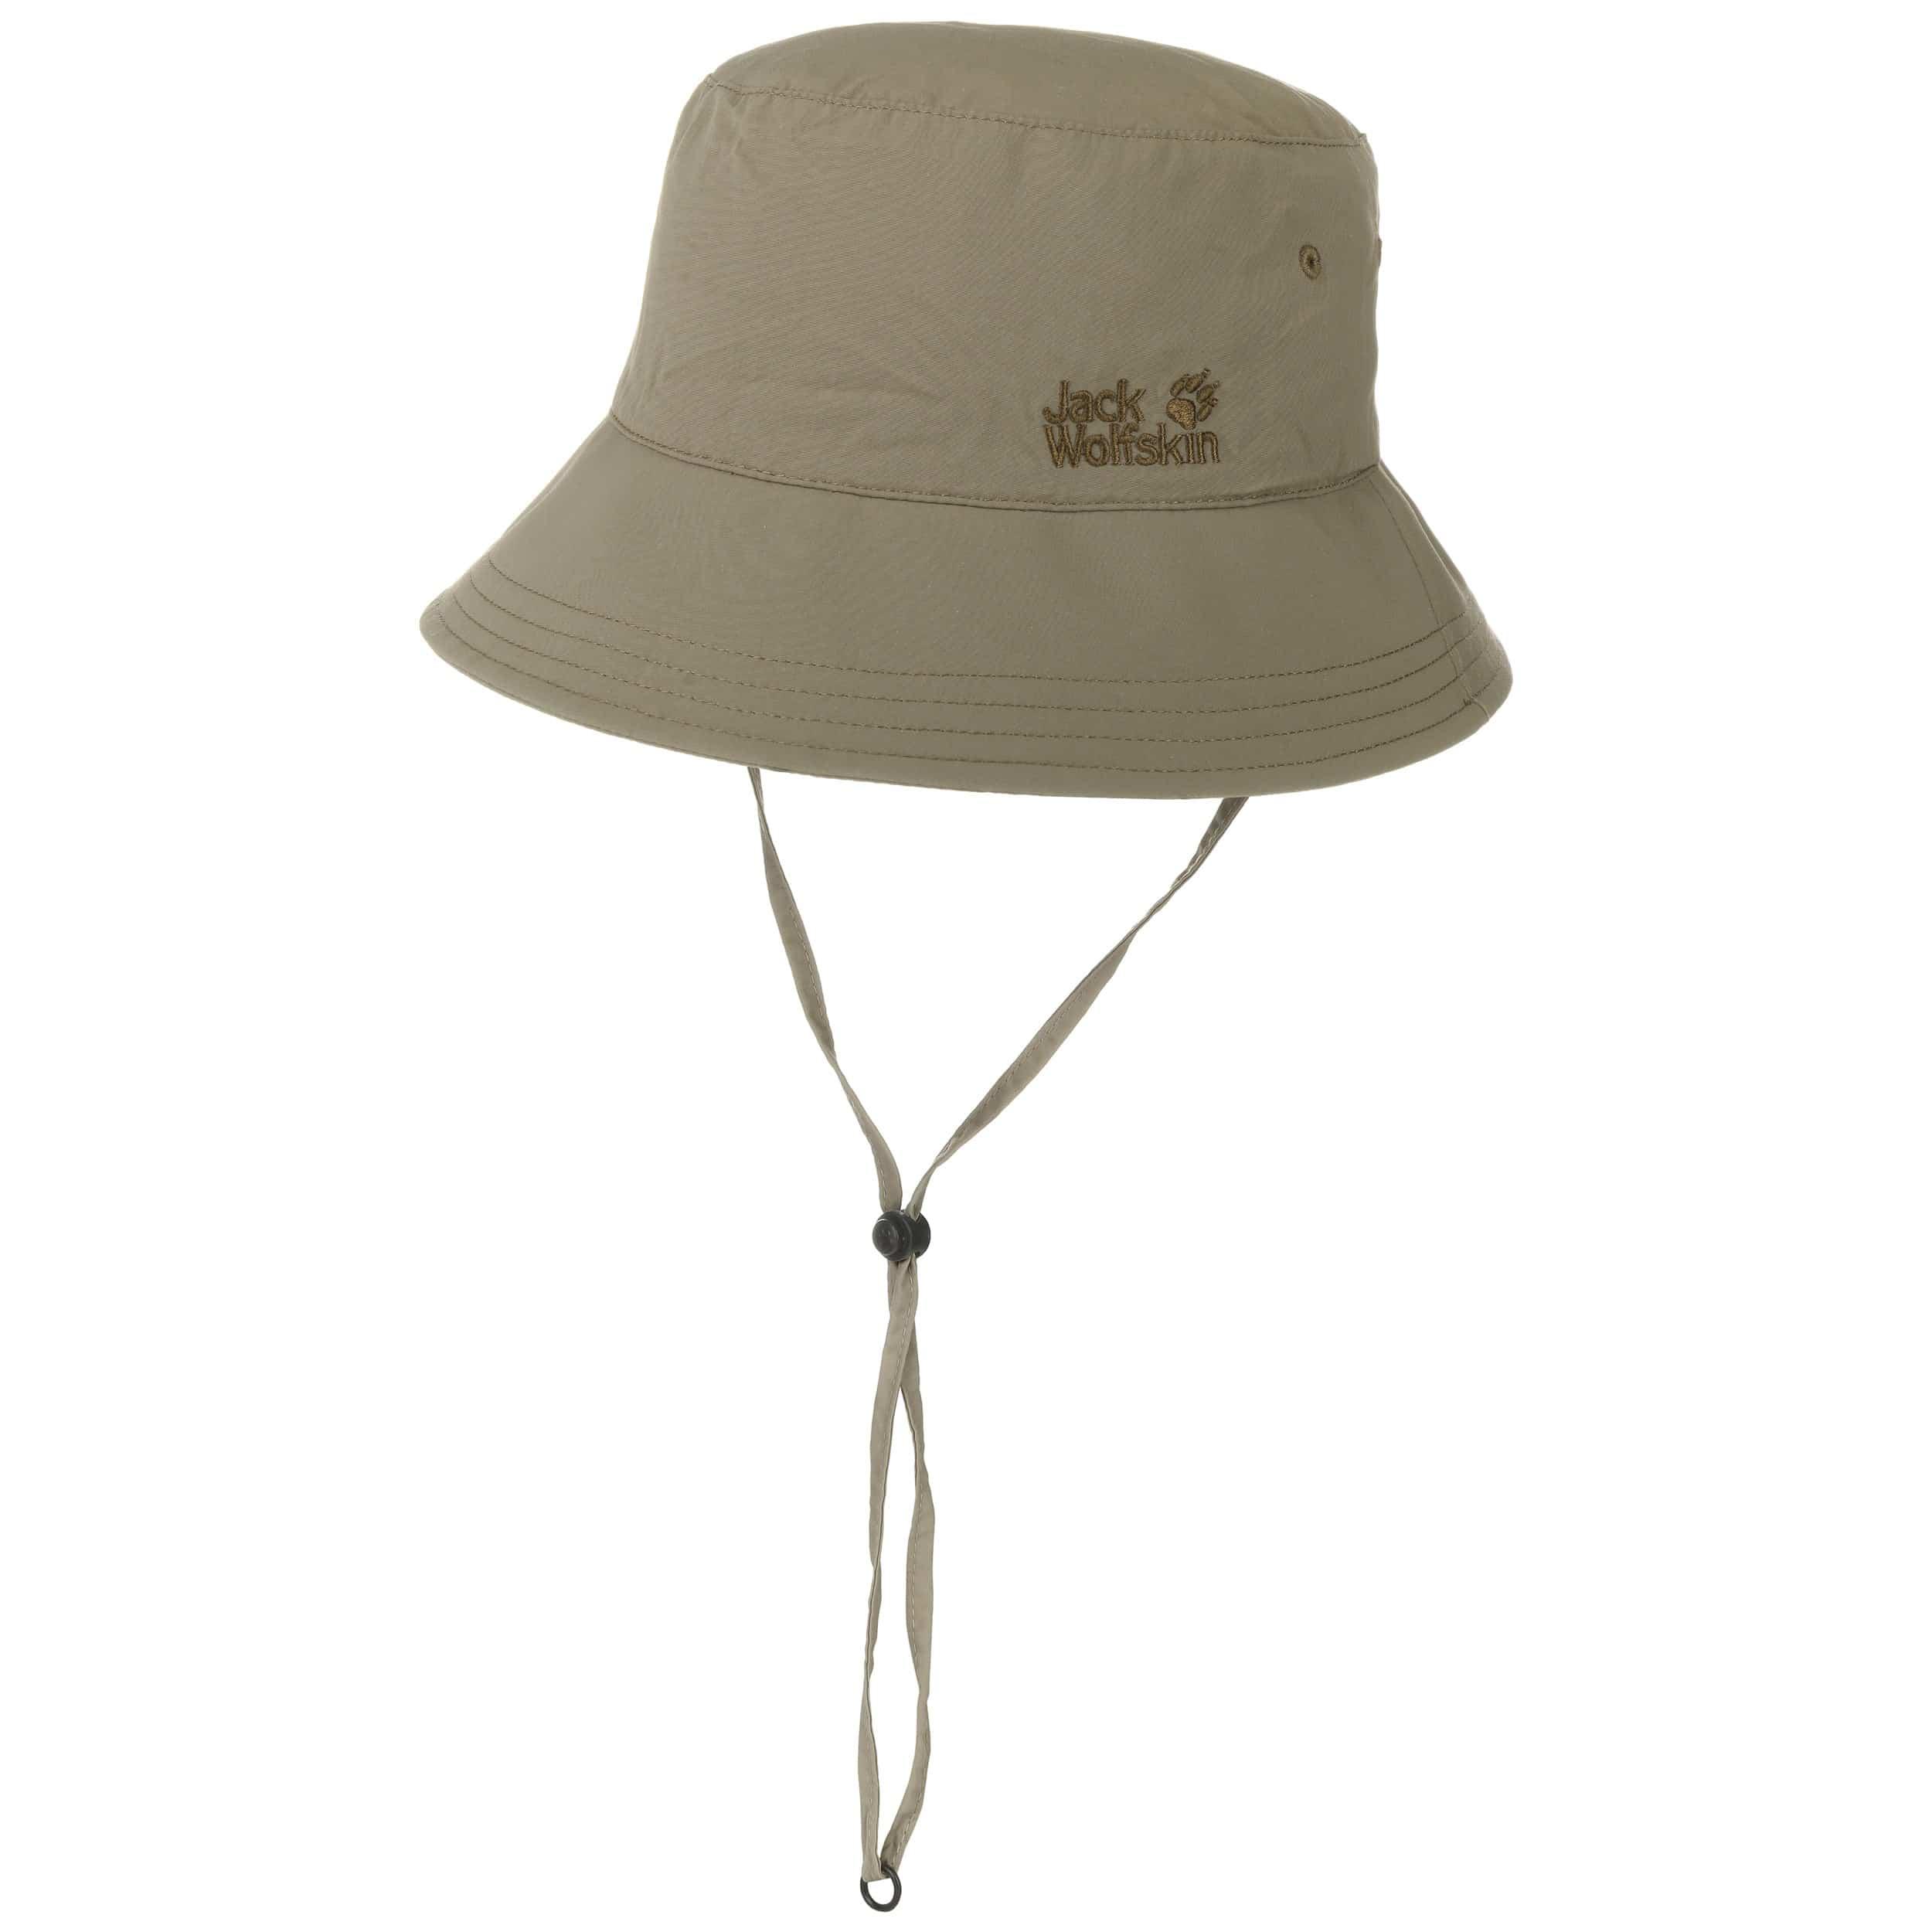 4fd09c4bb6049 Supplex Sun Hat. by Jack Wolfskin